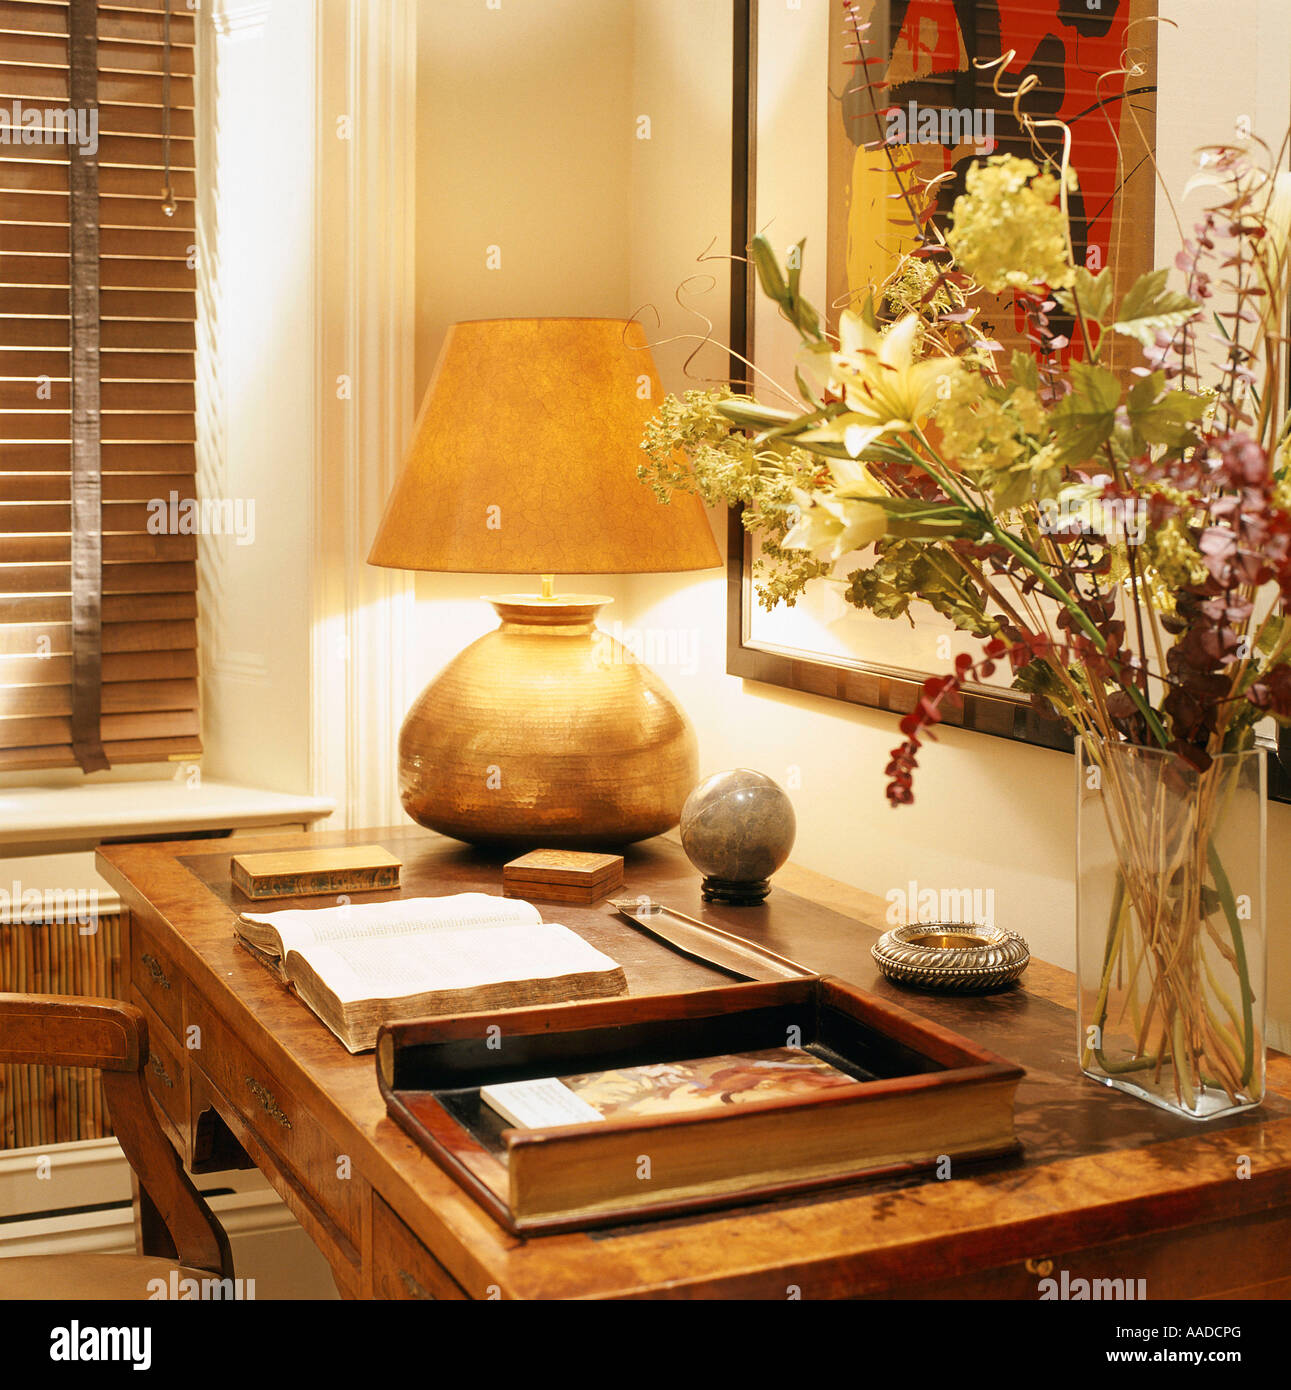 Lampe allumée d'or et d'arrangement de fleurs sur 24 avec livre ouvert Photo Stock